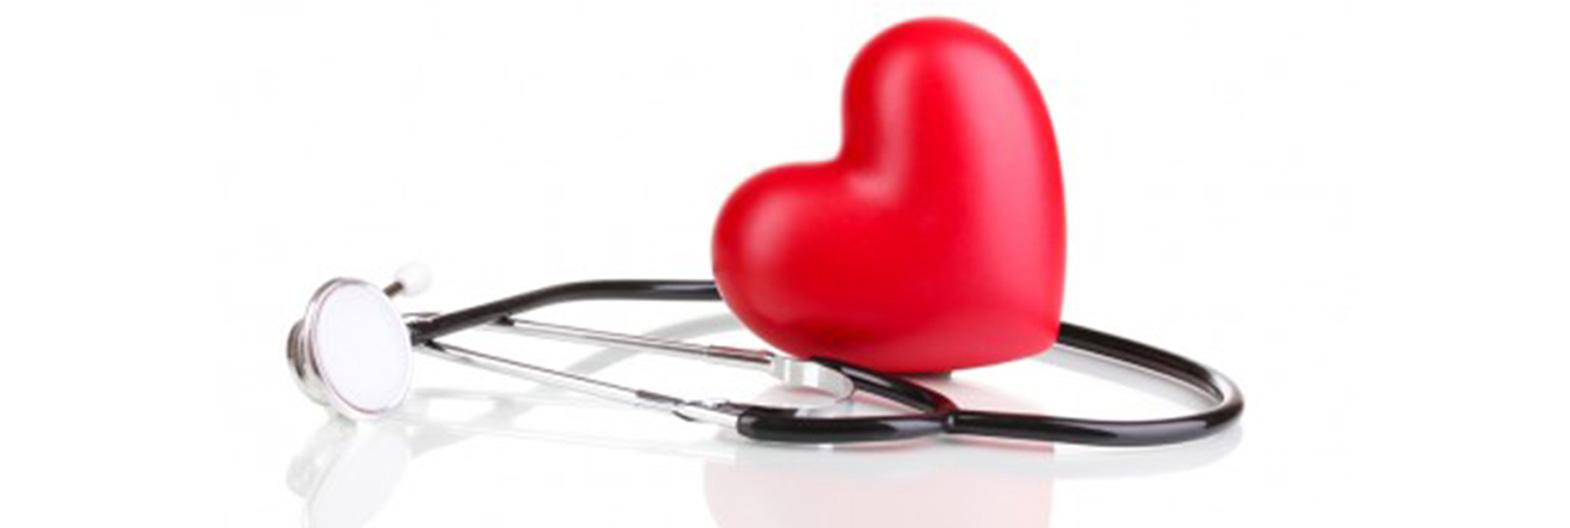 hipertenzija arterijos susiaurėjimas)